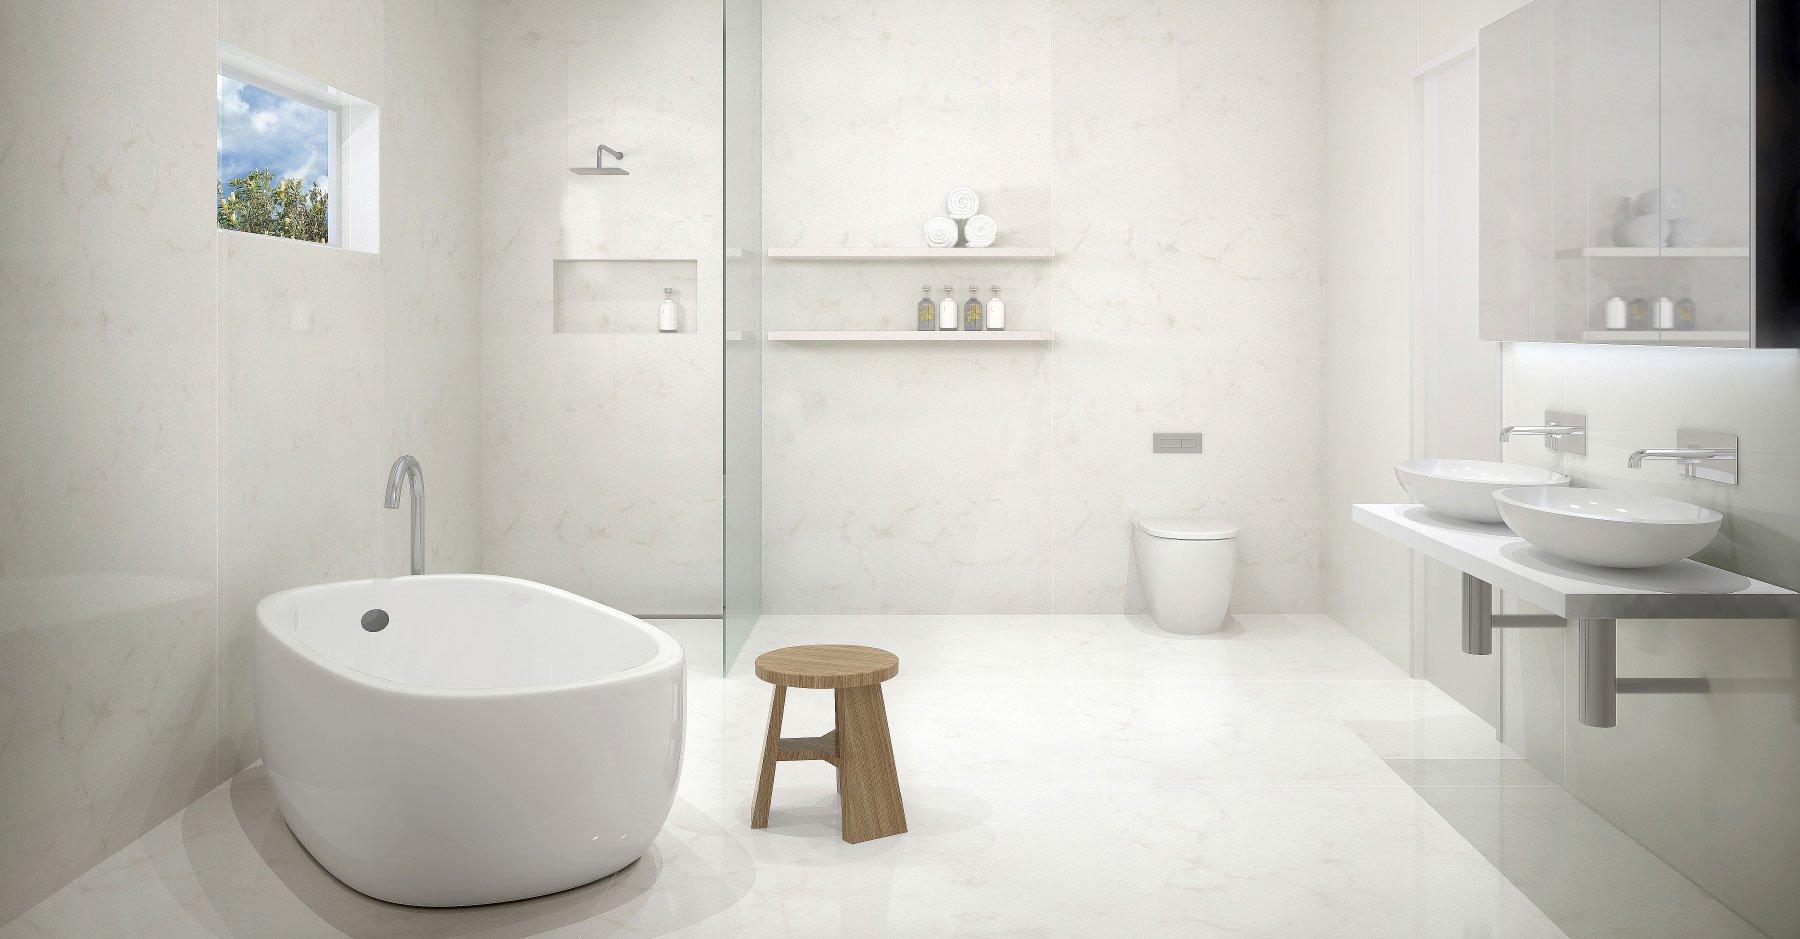 Ideen für außergewöhnliches Design für ein fugenloses Bad